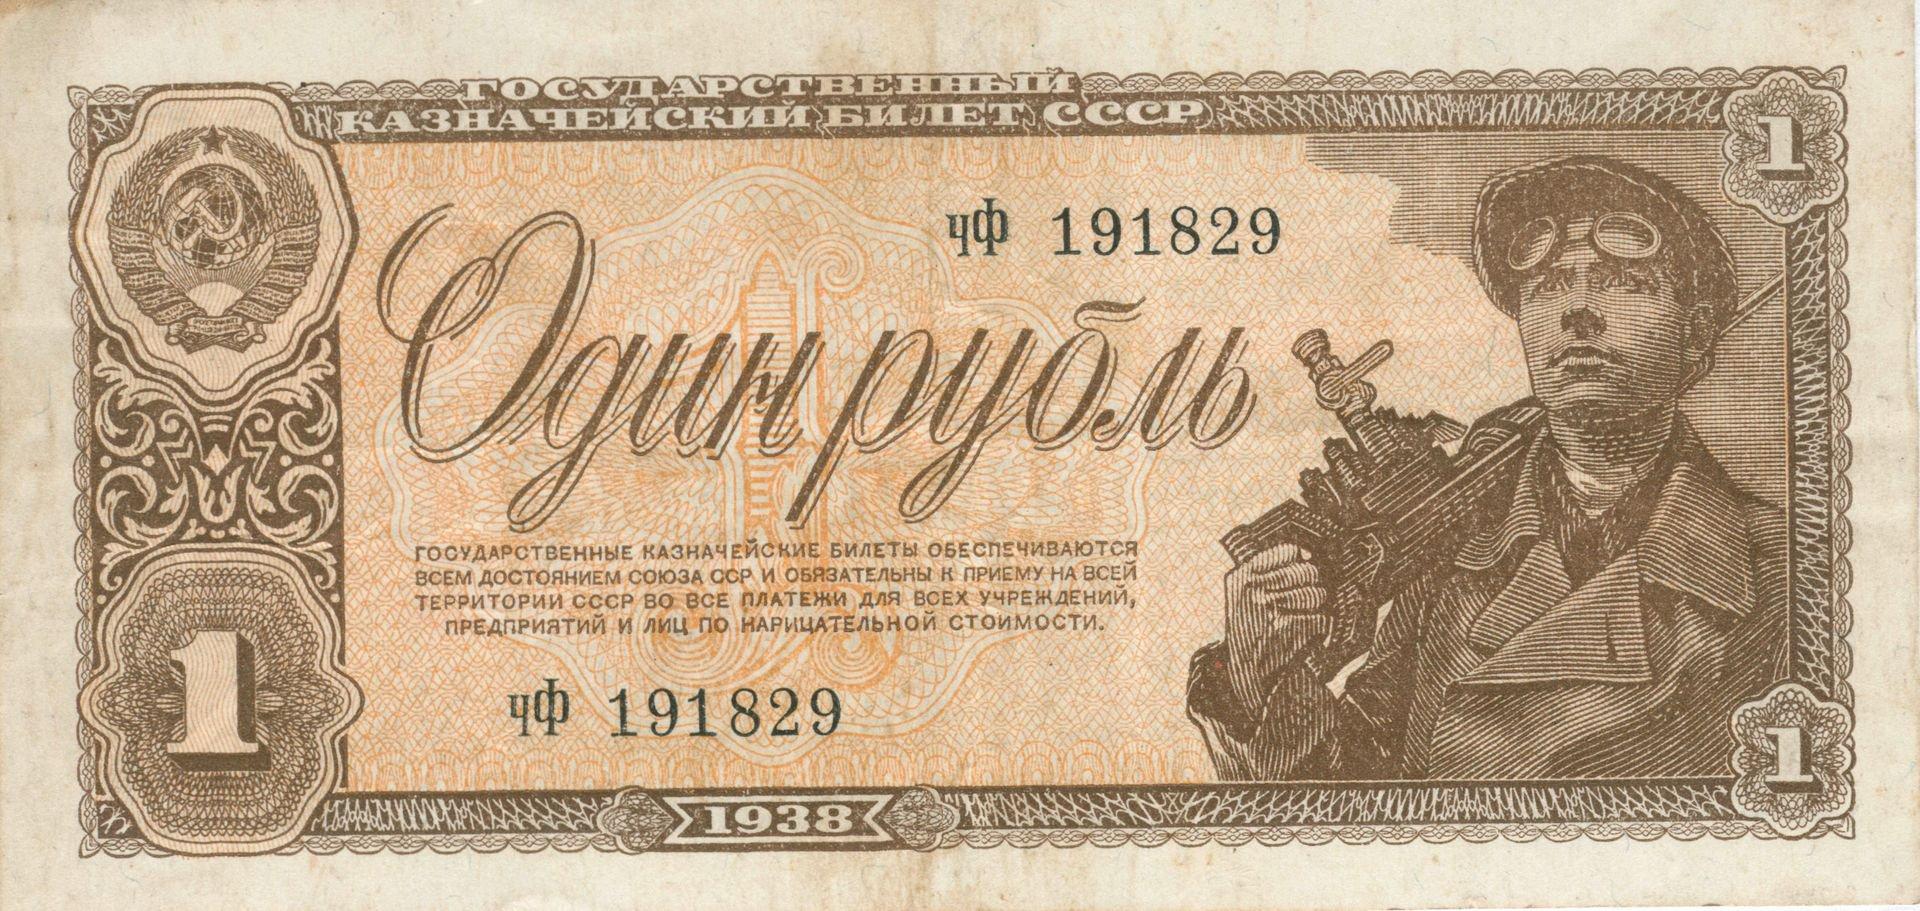 Ценник на банкноты россии стоимость монеты ежик в тумане